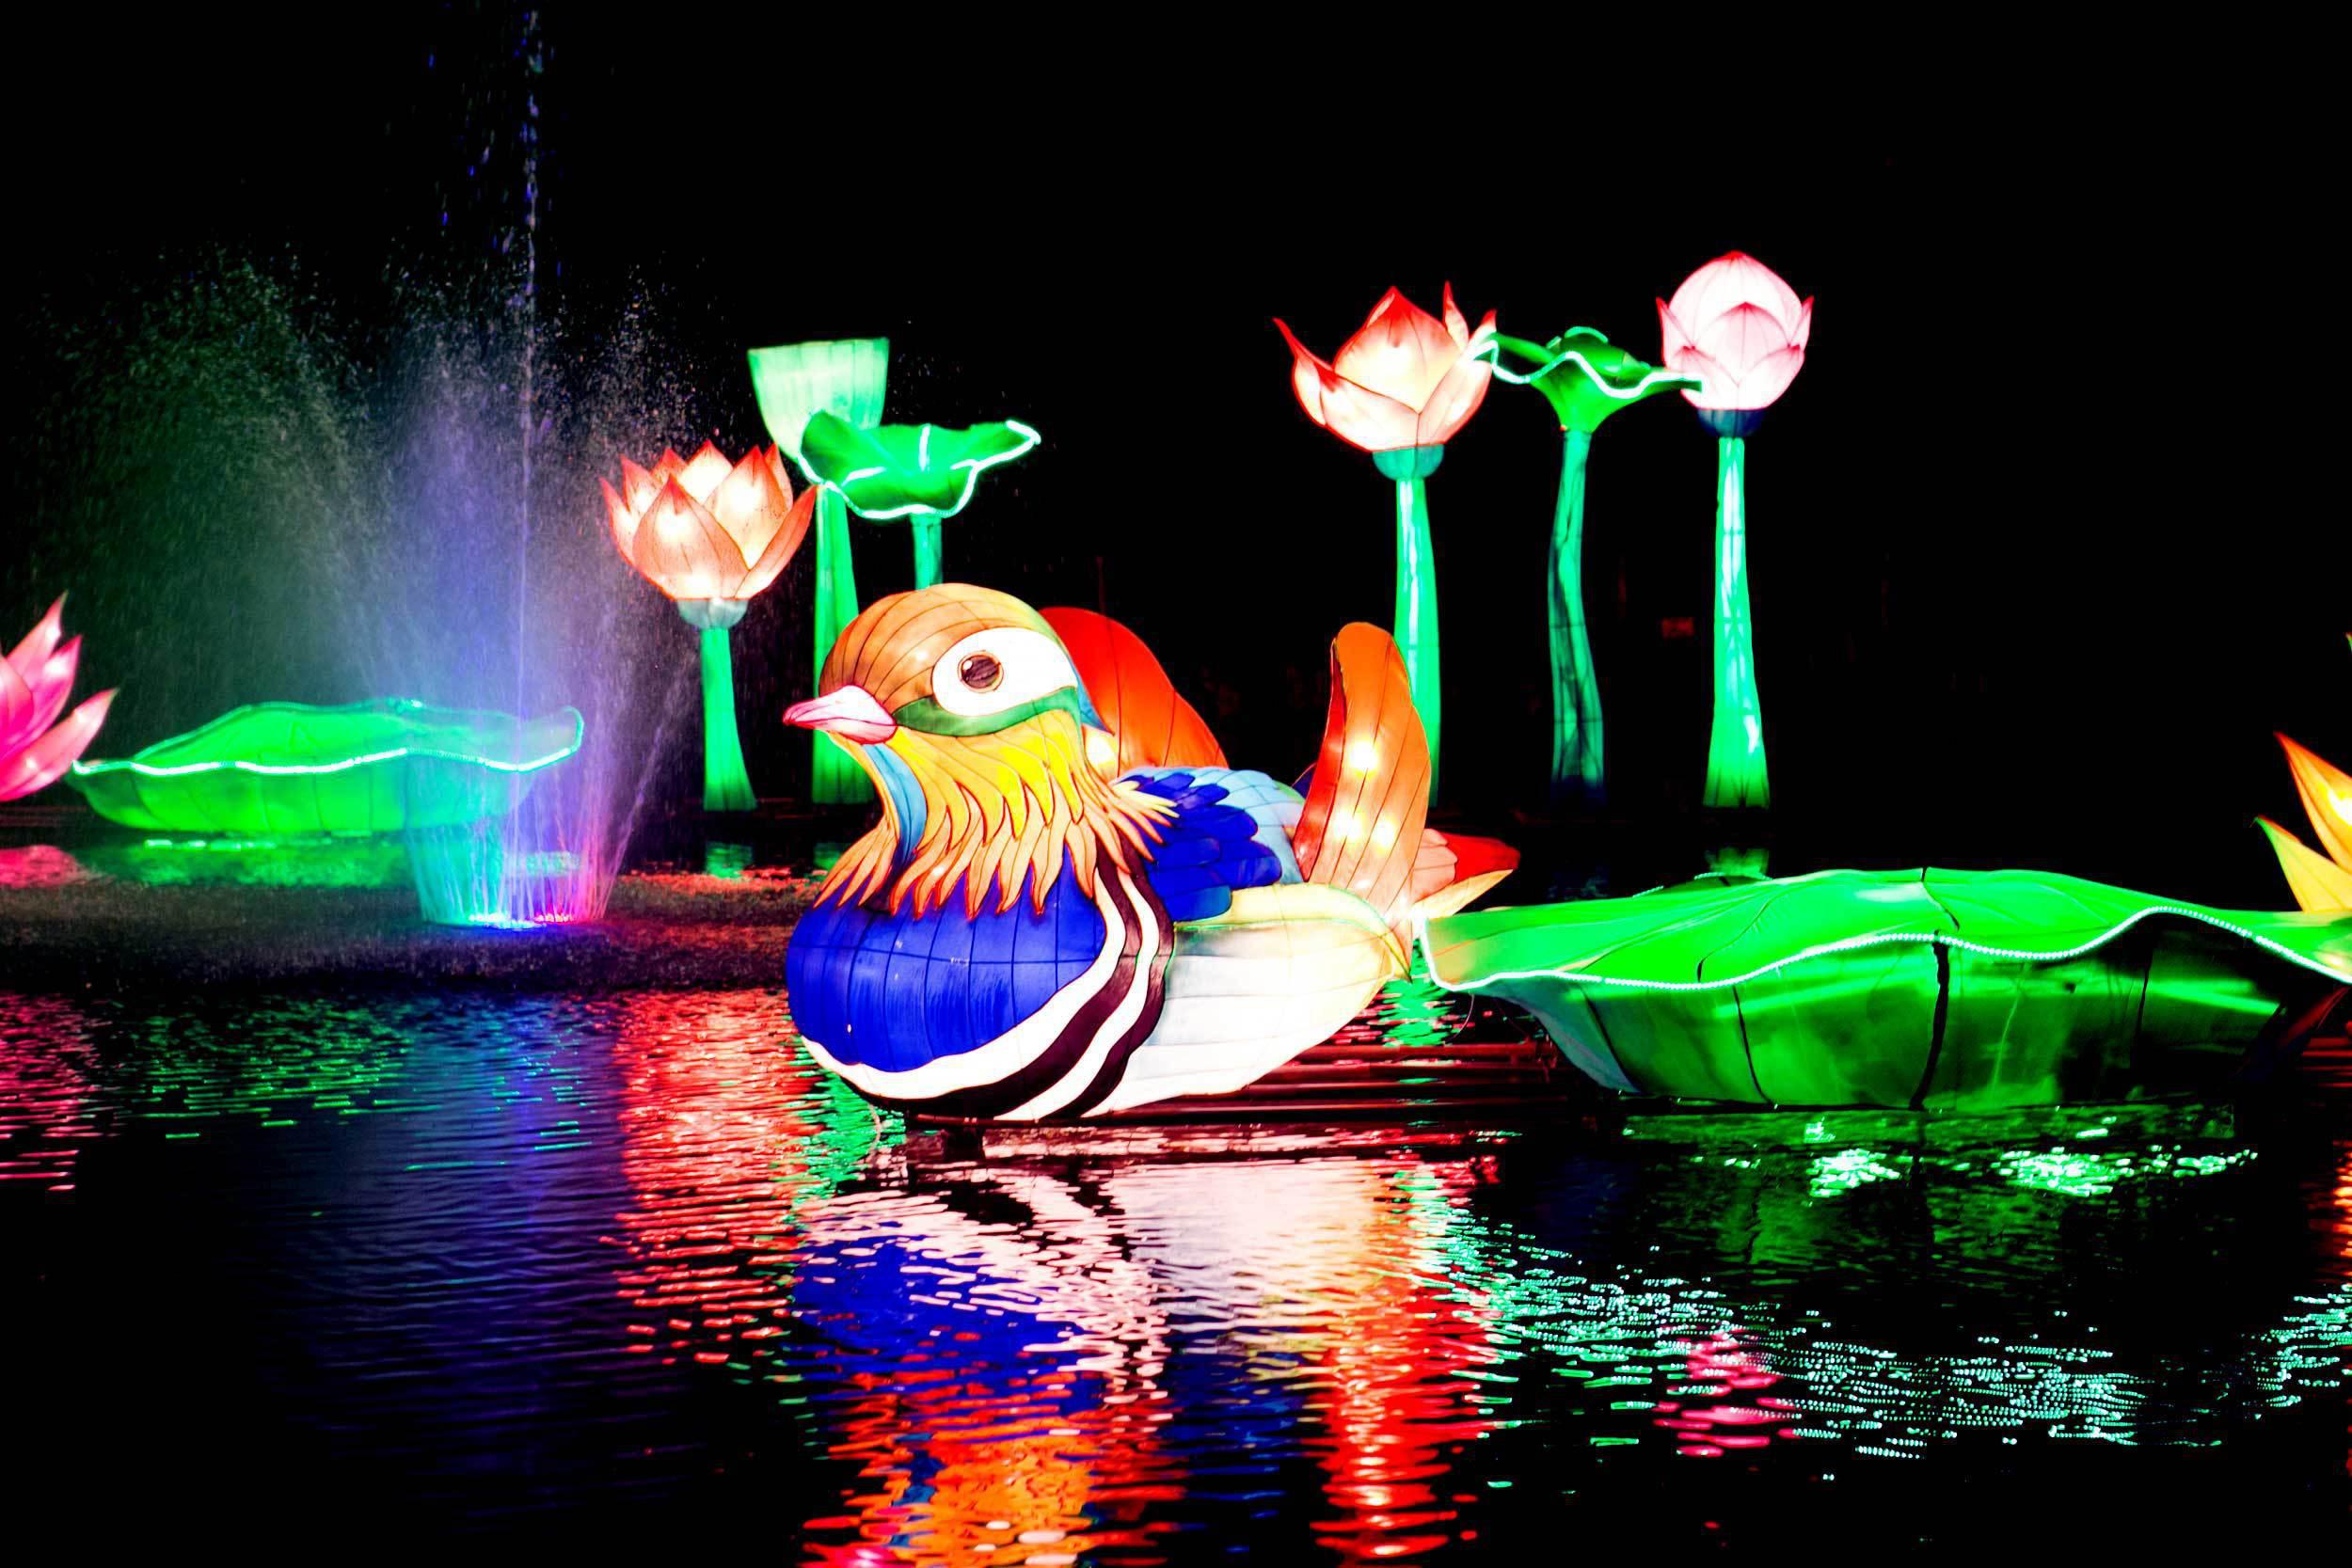 Art installation at Lightopia of a bird on water.